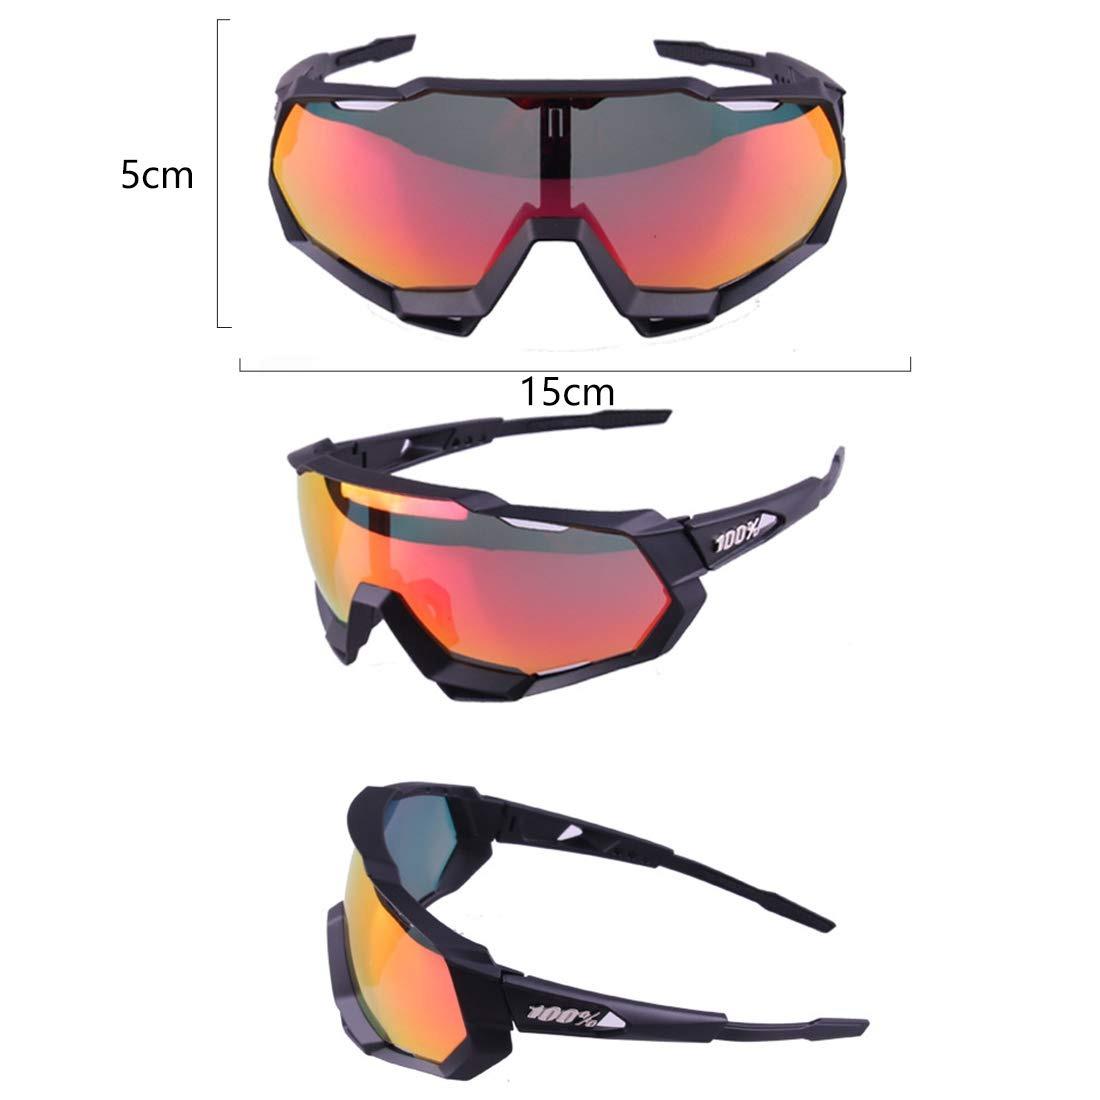 dd3c66081e gafas de sol deportivas polarizadas gafasprotecci n uv400 ga. Cargando zoom.